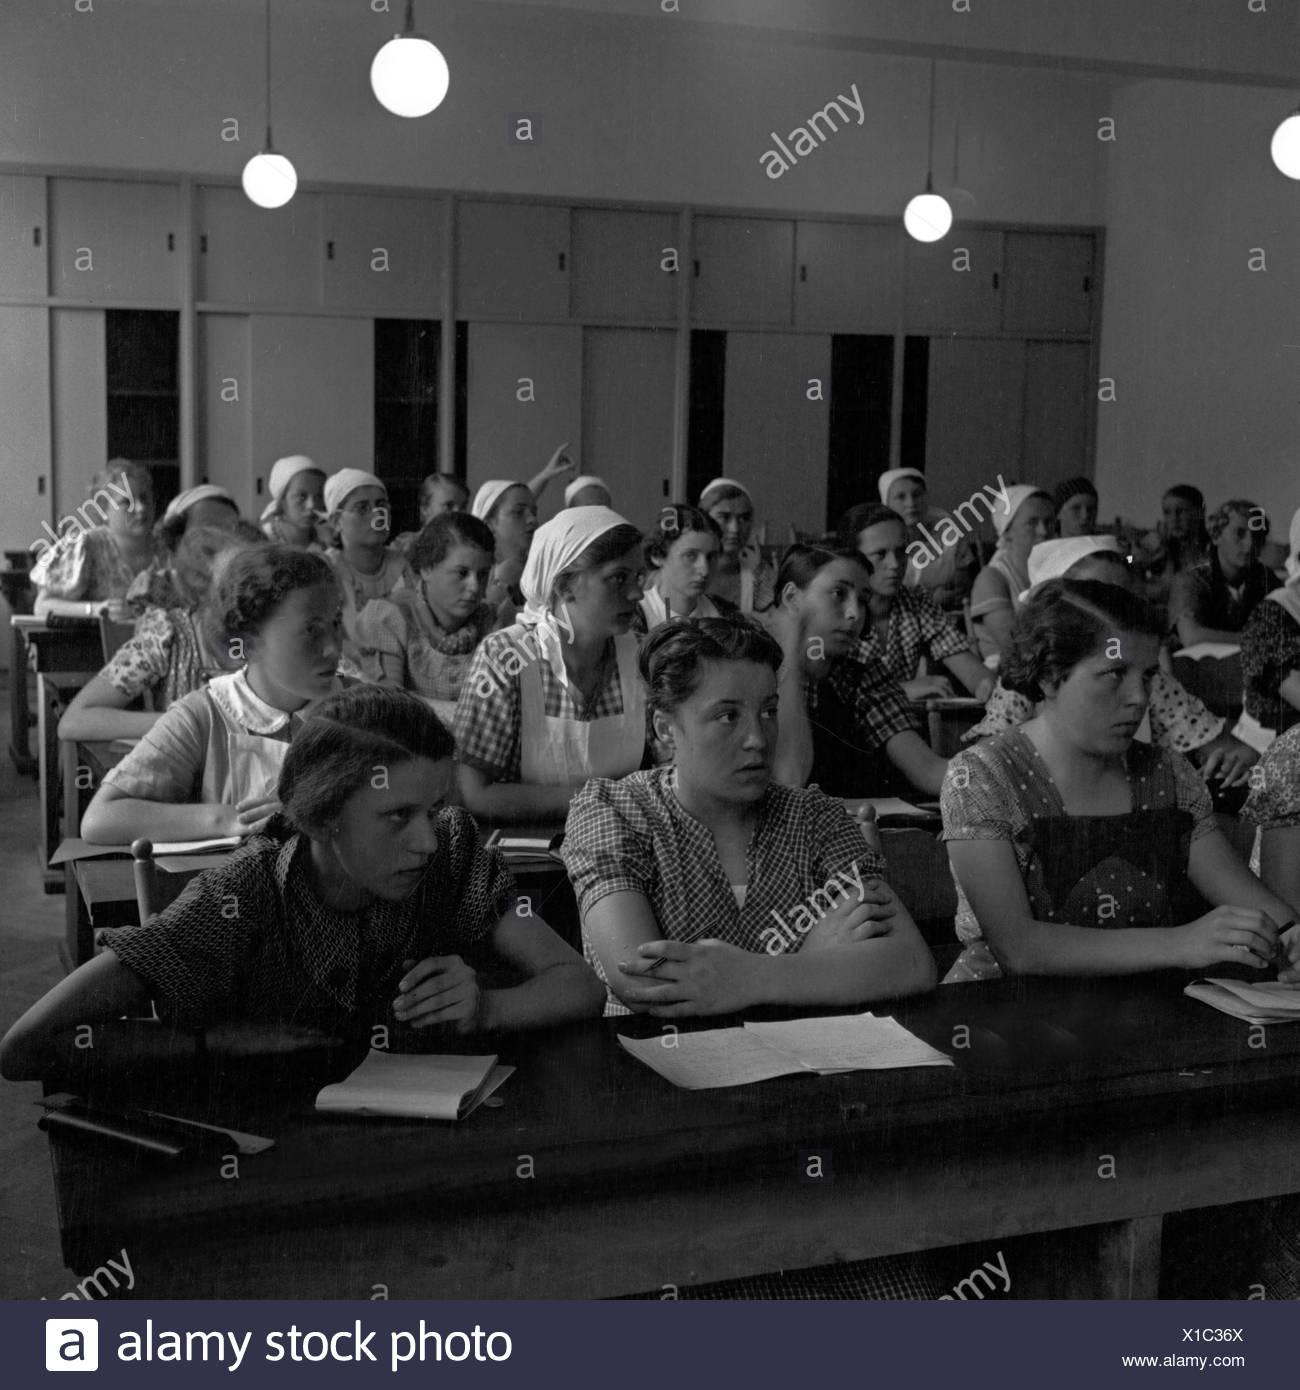 BdM Mädchen beim Unterricht in der Haushaltungsschule Greifenberg, Deutschland 1930er Jahre. BdM girls learning in the lesson at the domestic science school at Greifenberg, Germany 1930s. - Stock Image